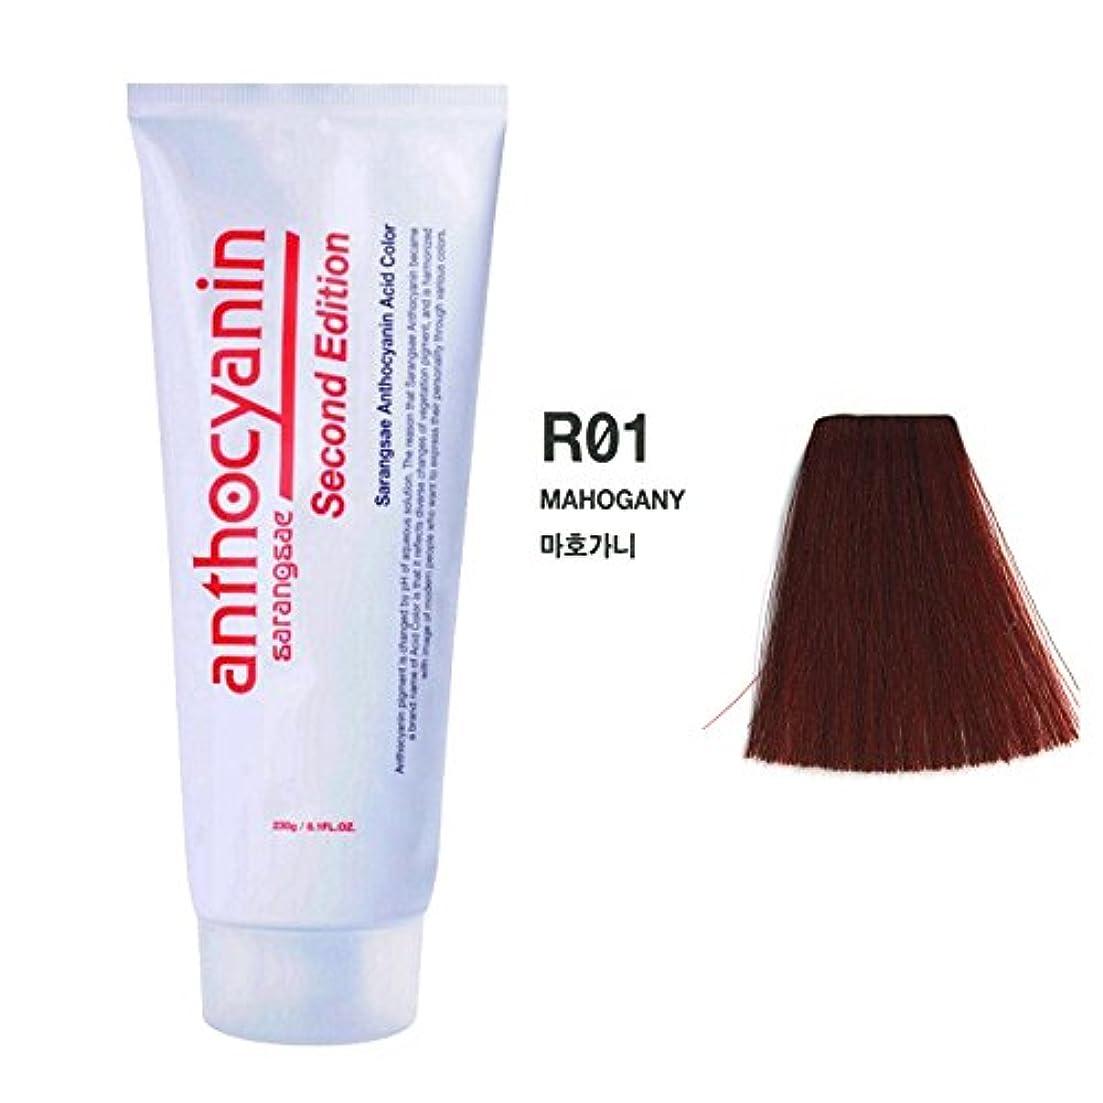 白鳥試み愛するヘア マニキュア カラー セカンド エディション 230g セミ パーマネント 染毛剤 ( Hair Manicure Color Second Edition 230g Semi Permanent Hair Dye) [並行輸入品] (R01 Mahogany)